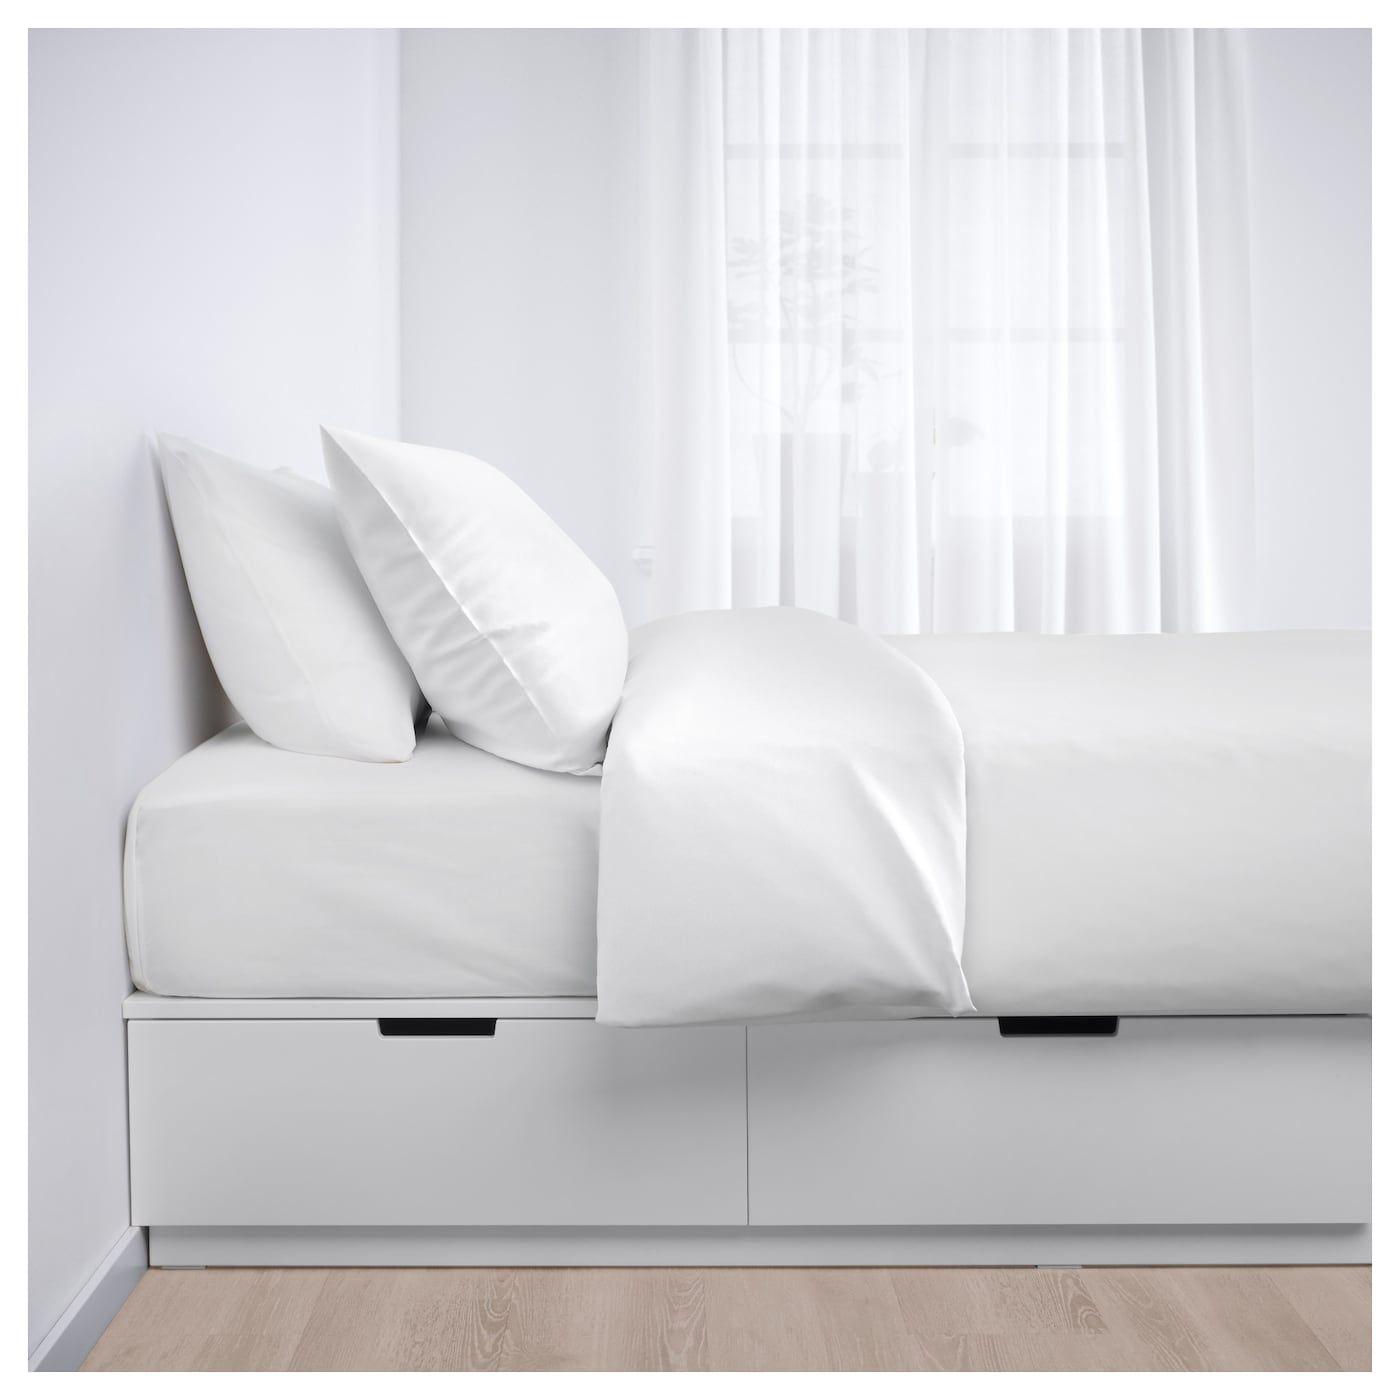 Nordli Sangstomme Med Forvaring Vit 90x200 Cm Ikea Bed Frame With Storage Single Beds With Storage Bed Frame